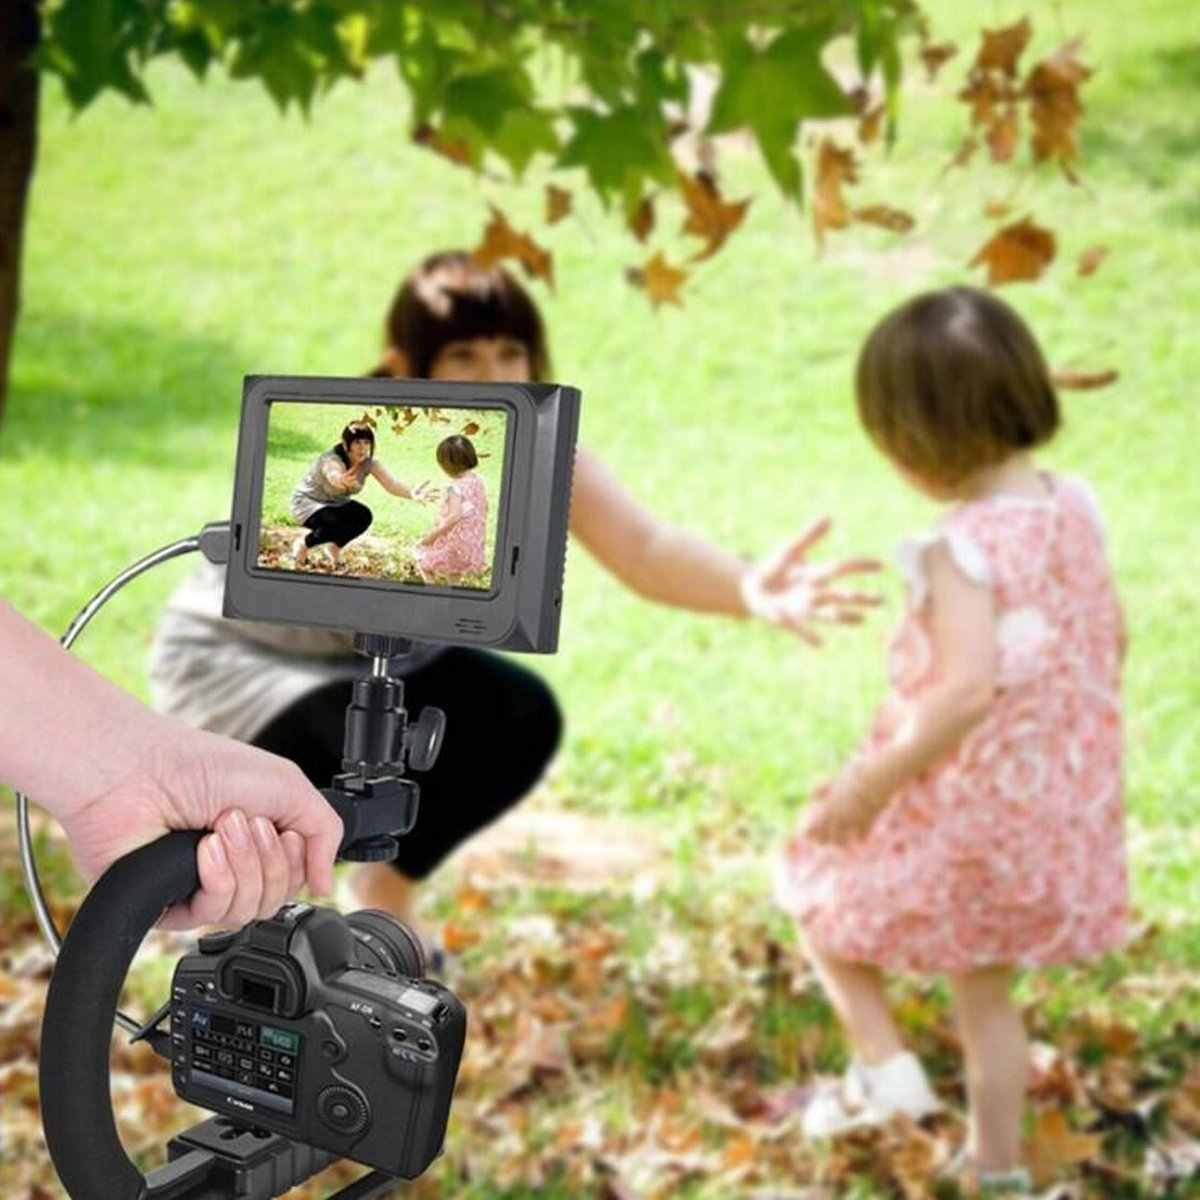 U-Rig Teléfono de mano estabilizador fotografía vídeo Rig película haciendo Vlogging grabación funda con soporte estabilizador para iPhone Samsung